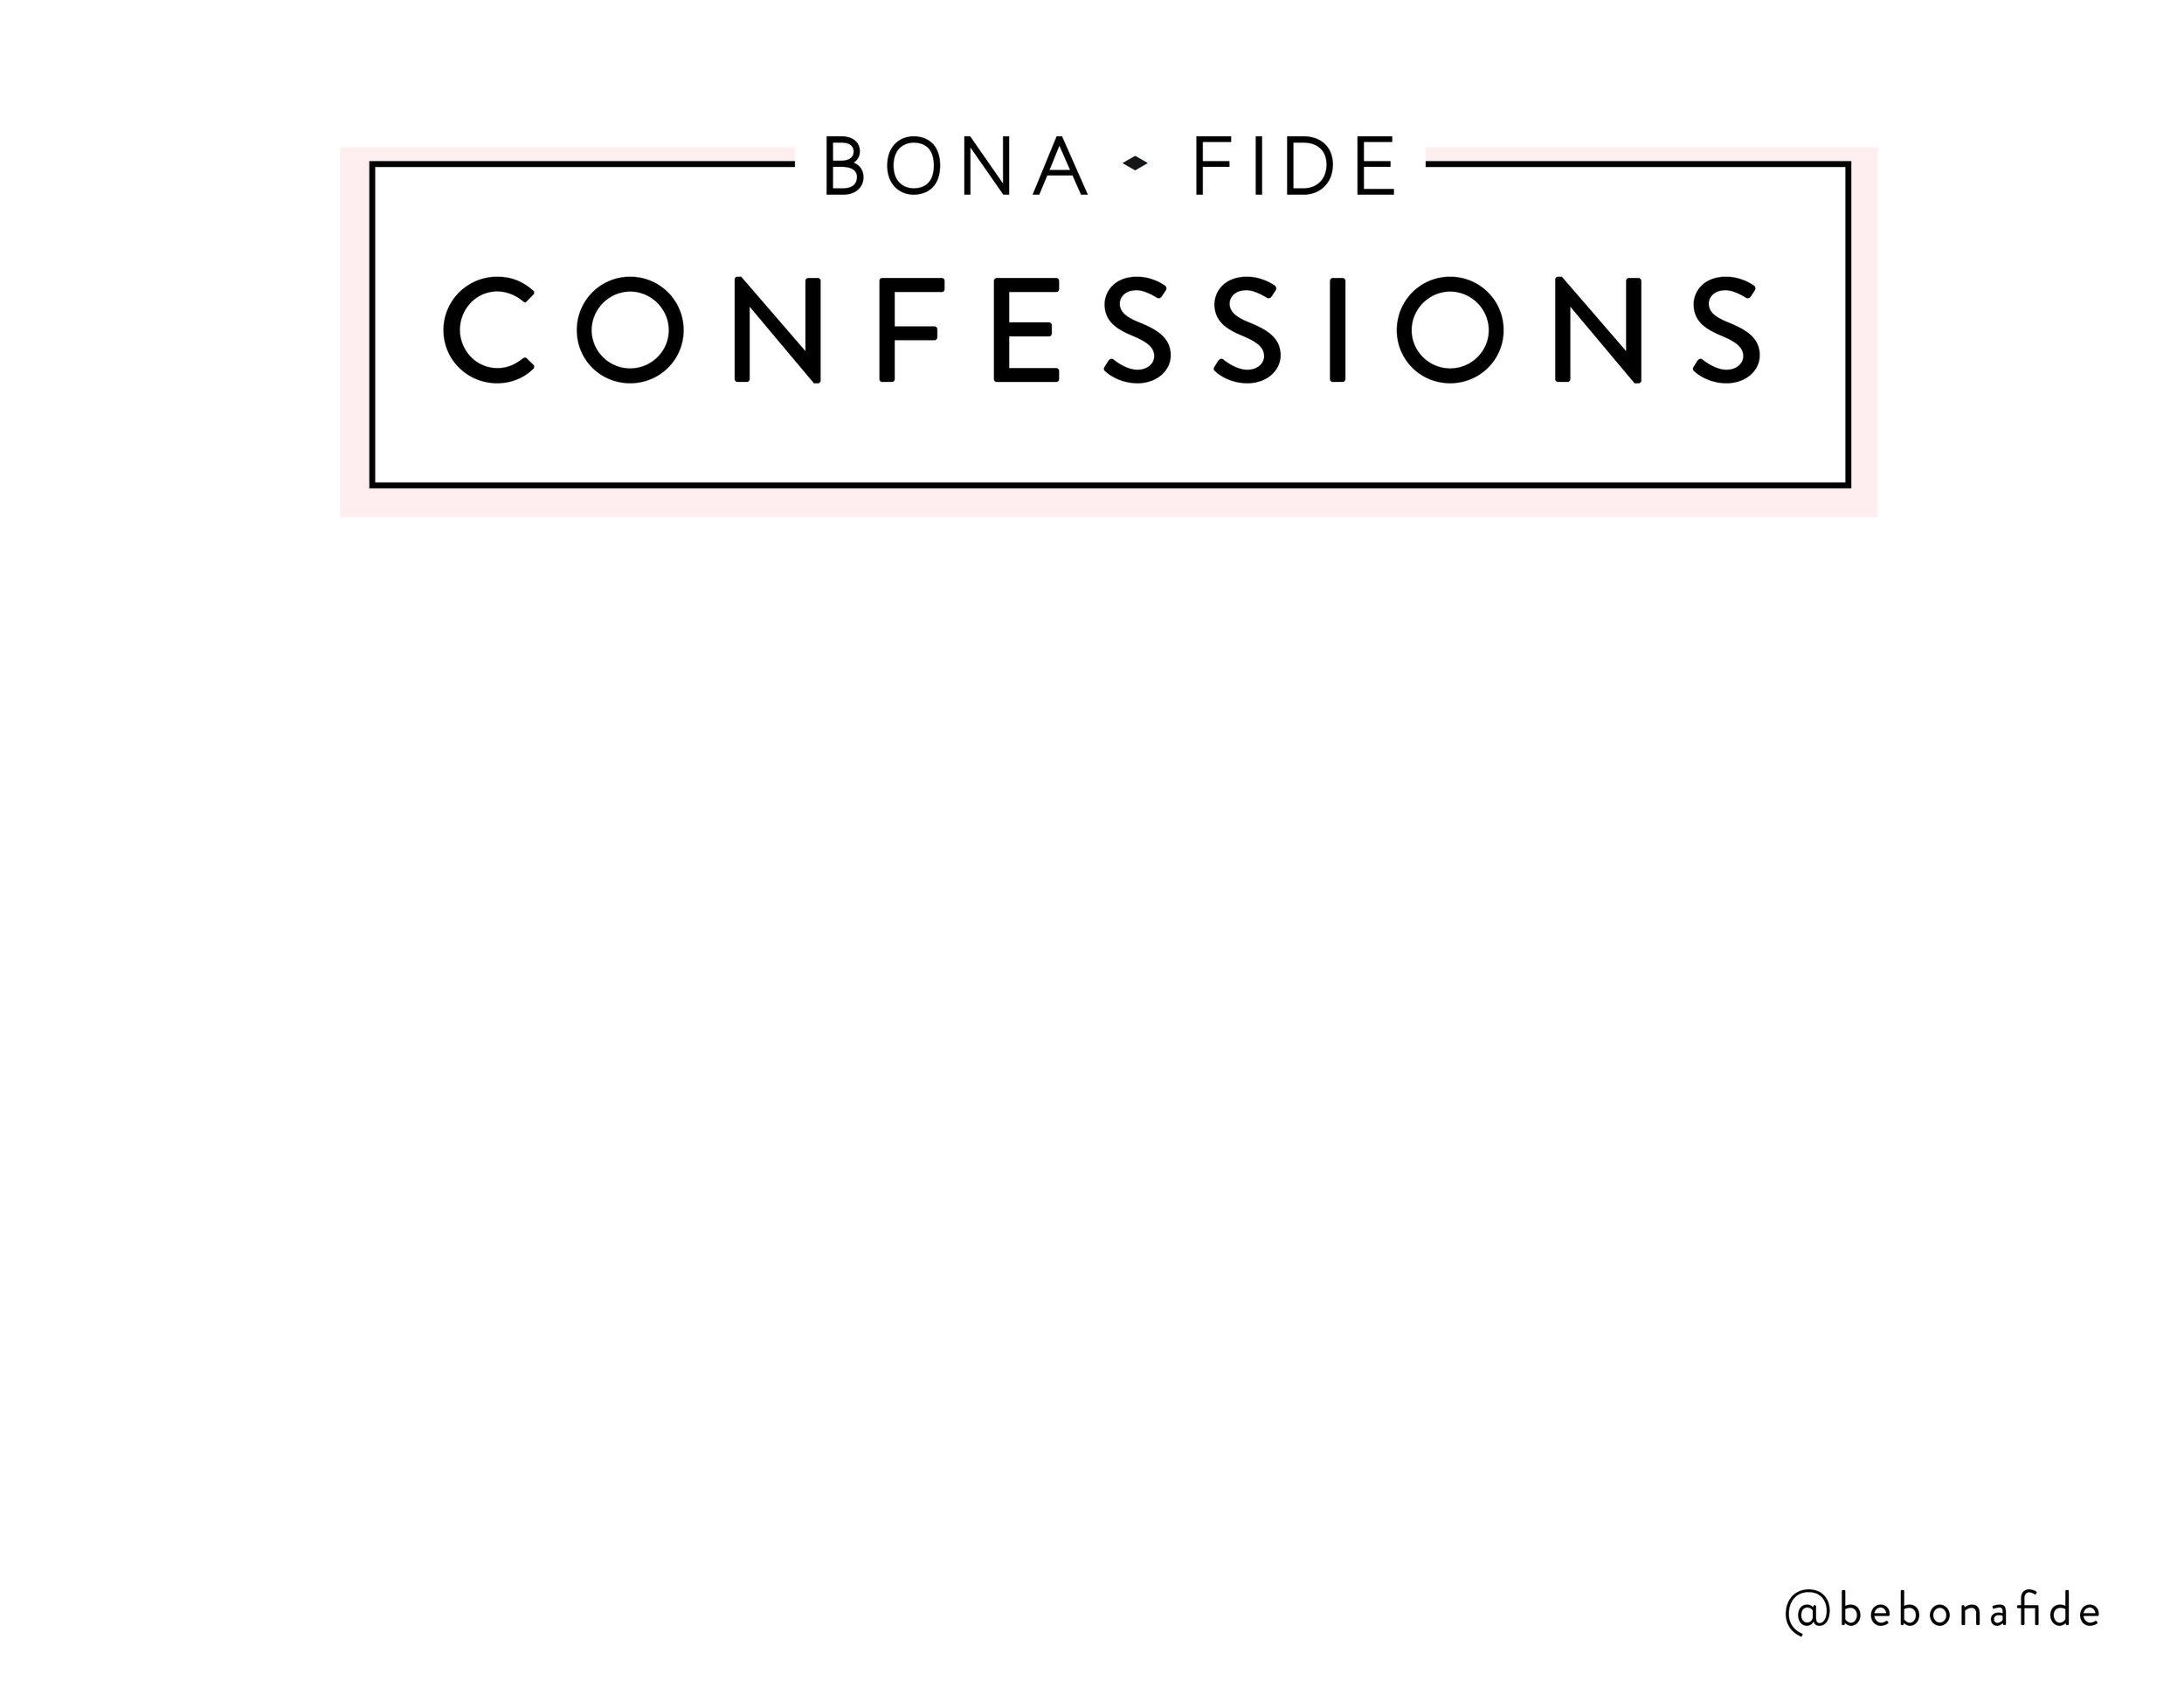 Bona Fide Confessions